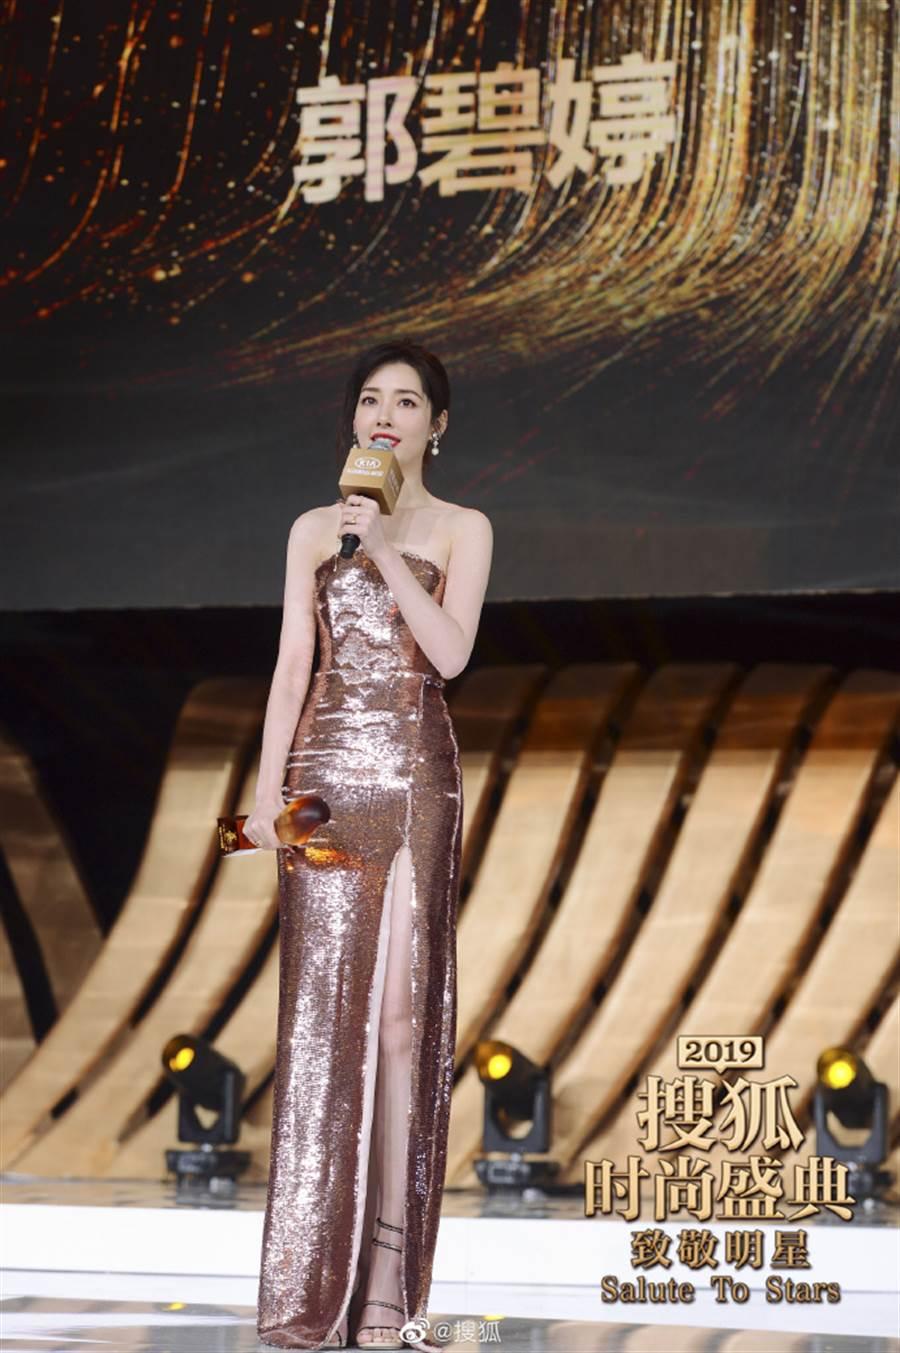 化身金色美人魚的郭碧婷,當晚獲頒人氣女明星。(取自搜狐微博)